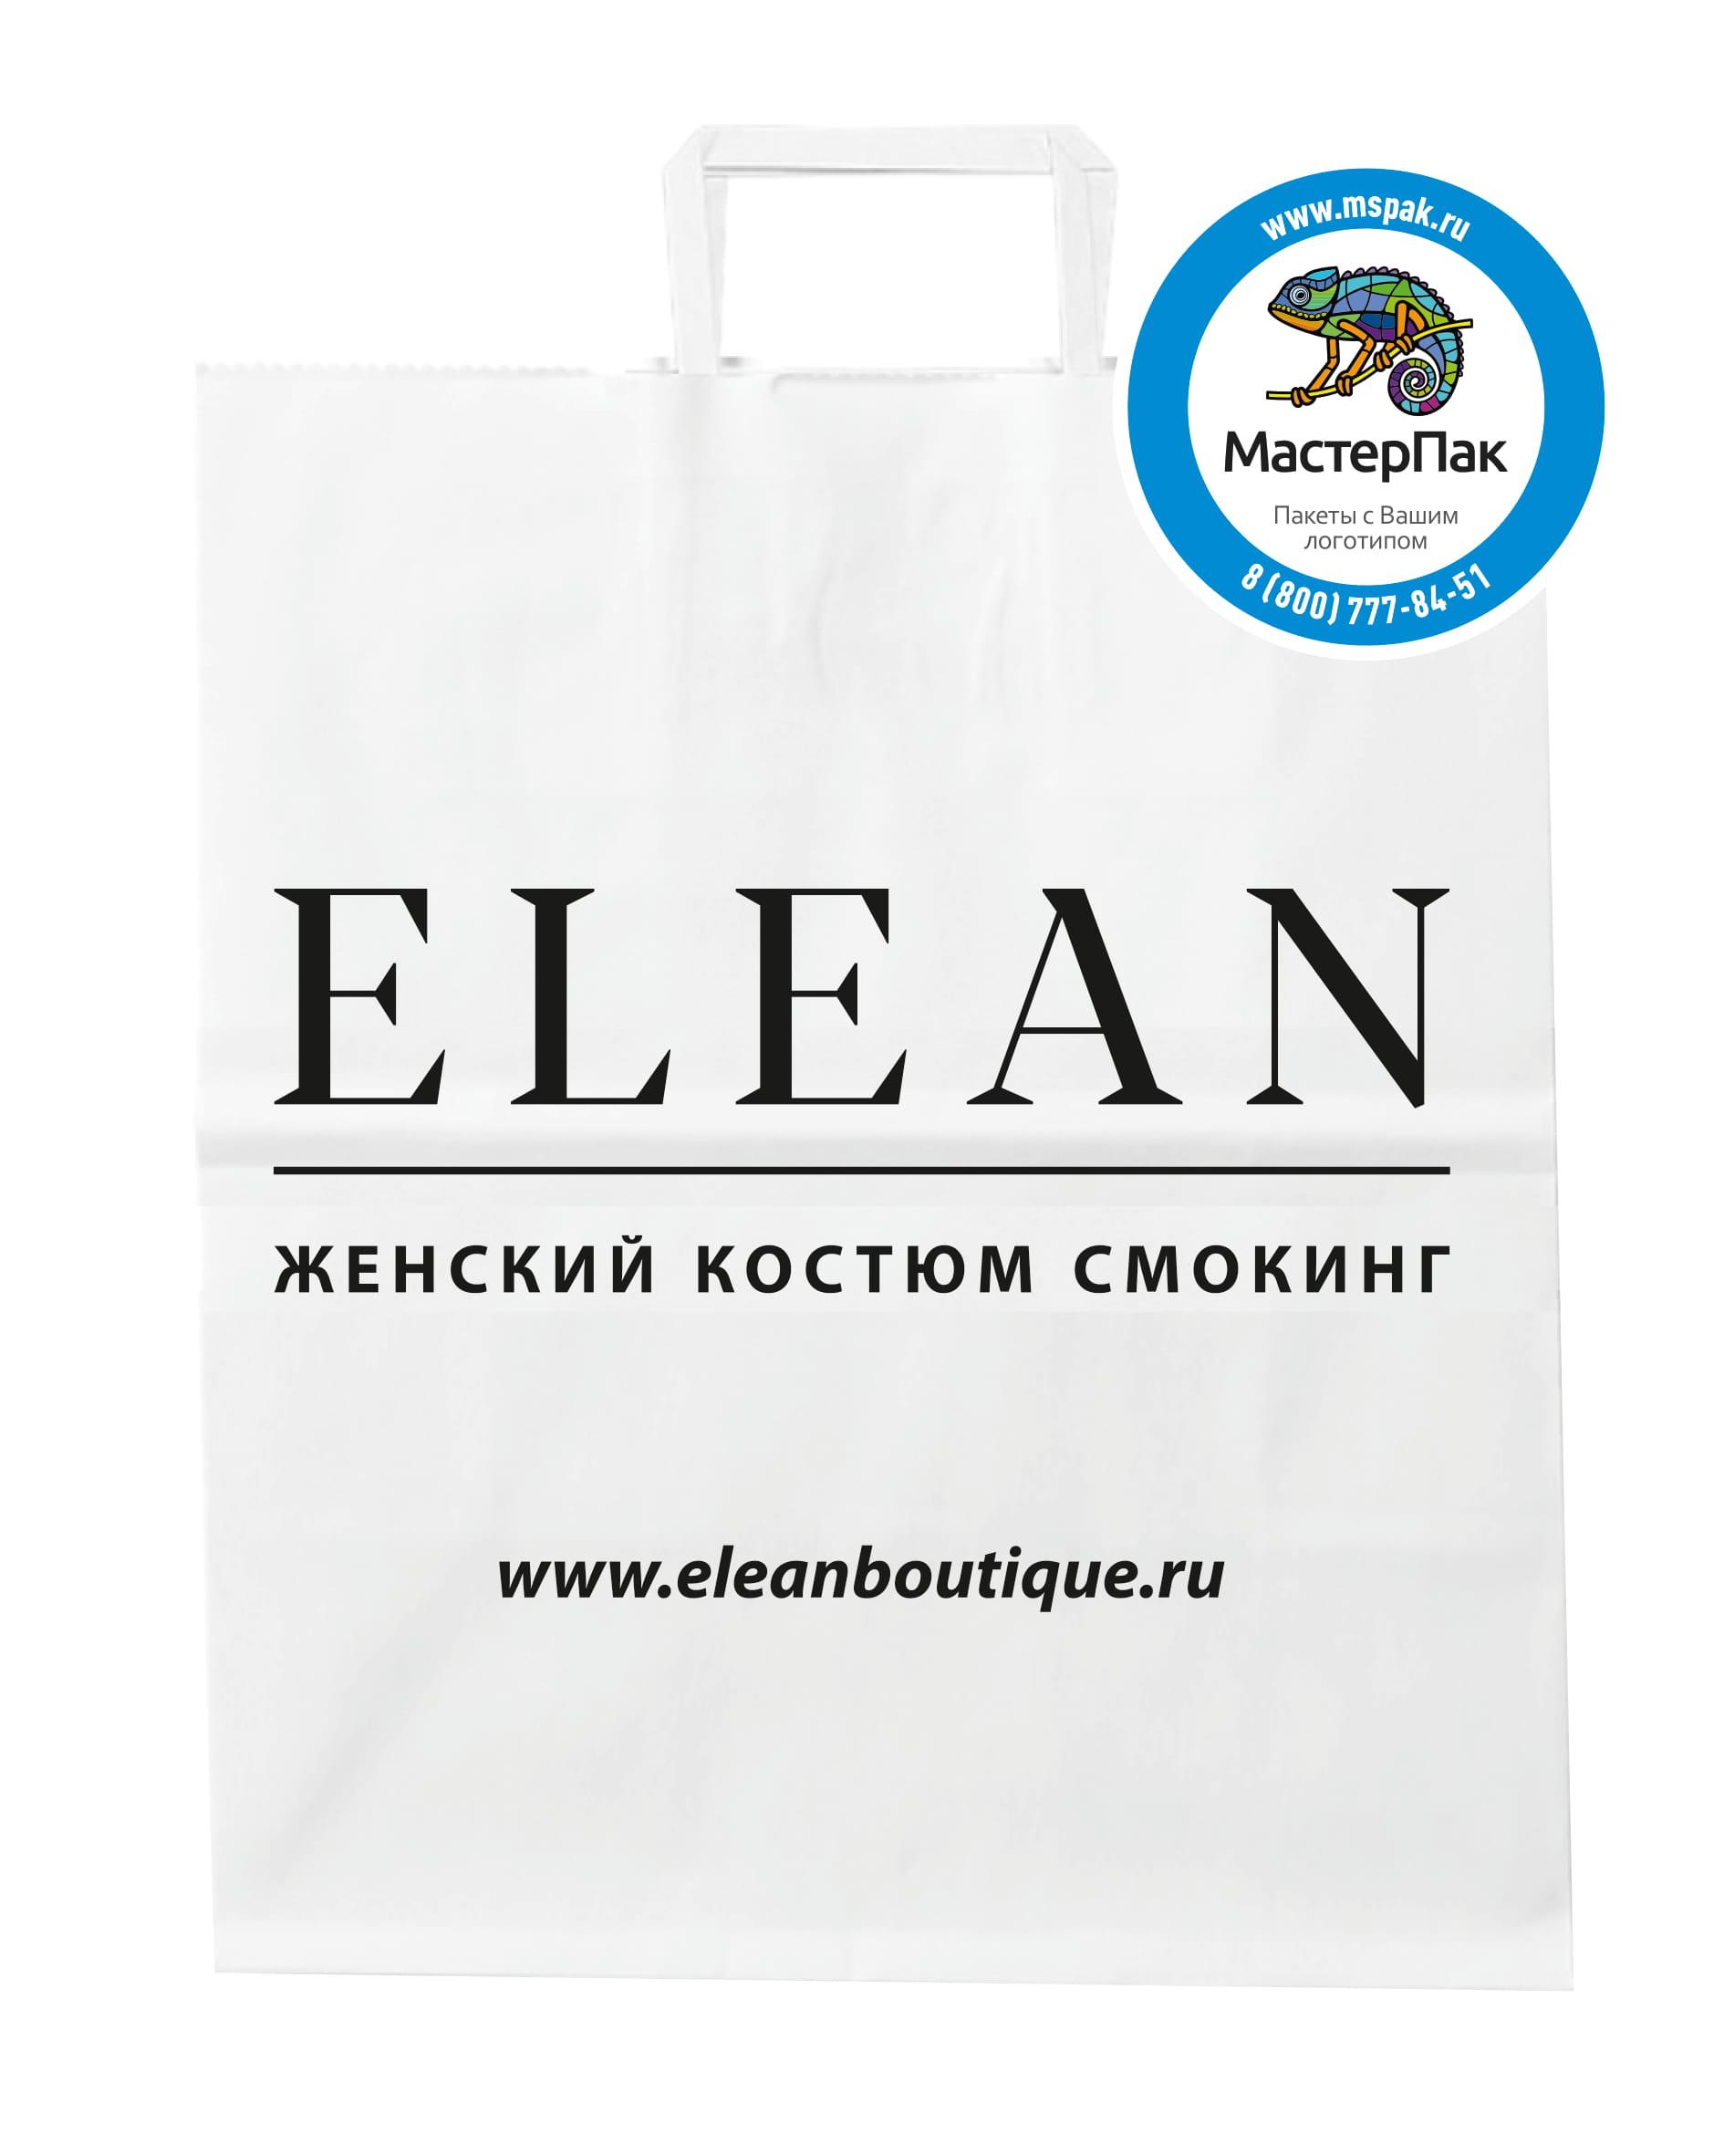 Пакет крафт, бумажный с плоскими ручками и логотипом Elean, Сочи